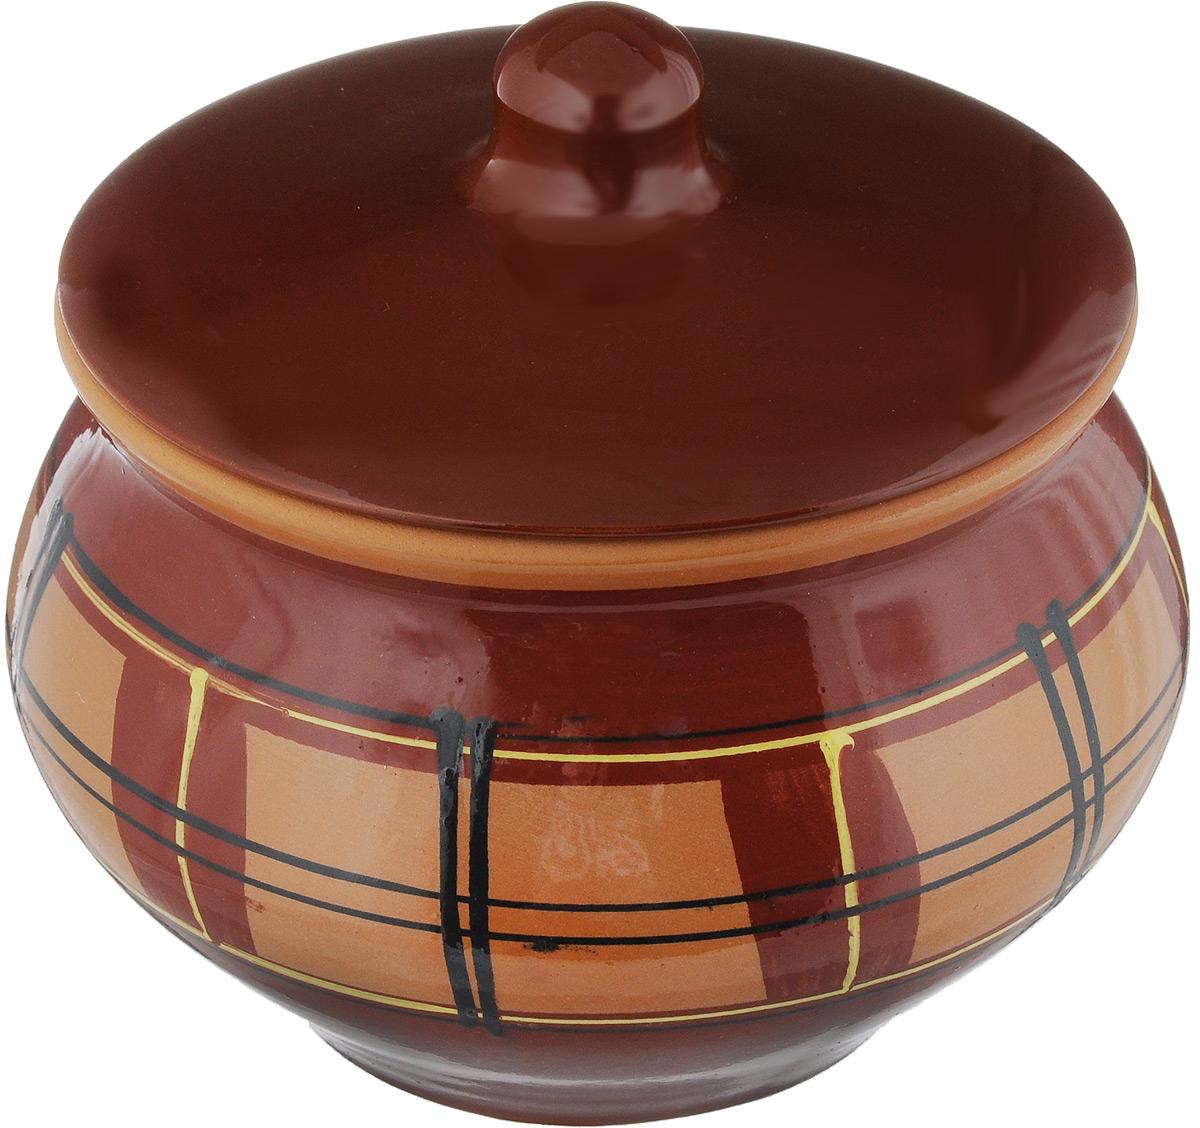 Горшок для жаркого Борисовская керамика Стандарт с крышкой, цвет: коричневый, темно-коричневый, 1,3 л54 009312Горшок для жаркого Борисовская керамика Стандарт выполнен из высококачественной керамики. Внутренняя и внешняя поверхность покрыты глазурью. Керамика абсолютно безопасна, поэтому изделие придется по вкусу любителям здоровой и полезной пищи. Горшок для жаркого с крышкой очень вместителен и имеет удобную форму. Уникальные свойства красной глины и толстые стенки изделия обеспечивают эффект русской печи при приготовлении блюд. Это значит, что еда будет очень вкусной, сочной и здоровой.Посуда жаропрочная. Можно использовать в духовке и микроволновой печи.Диаметр горшка (по верхнему краю): 15 см. Высота: 12 см.